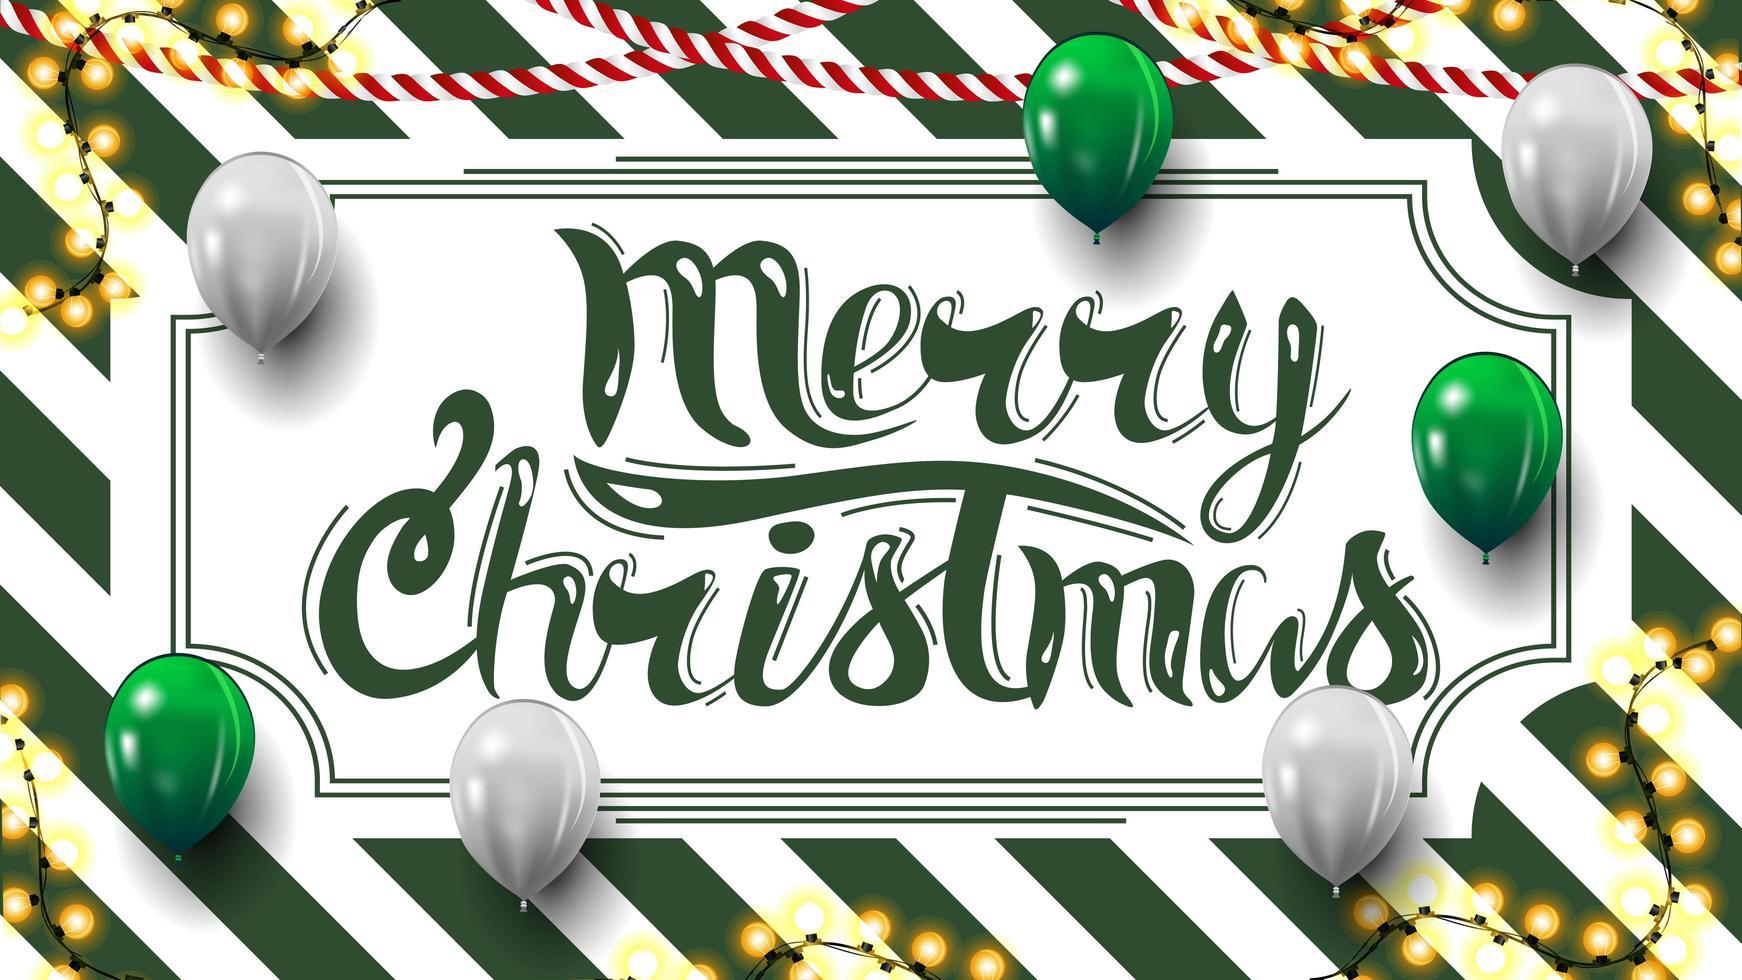 feliz natal, cartão postal com textura listrada de verde e branco no fundo, guirlandas e balões vetor